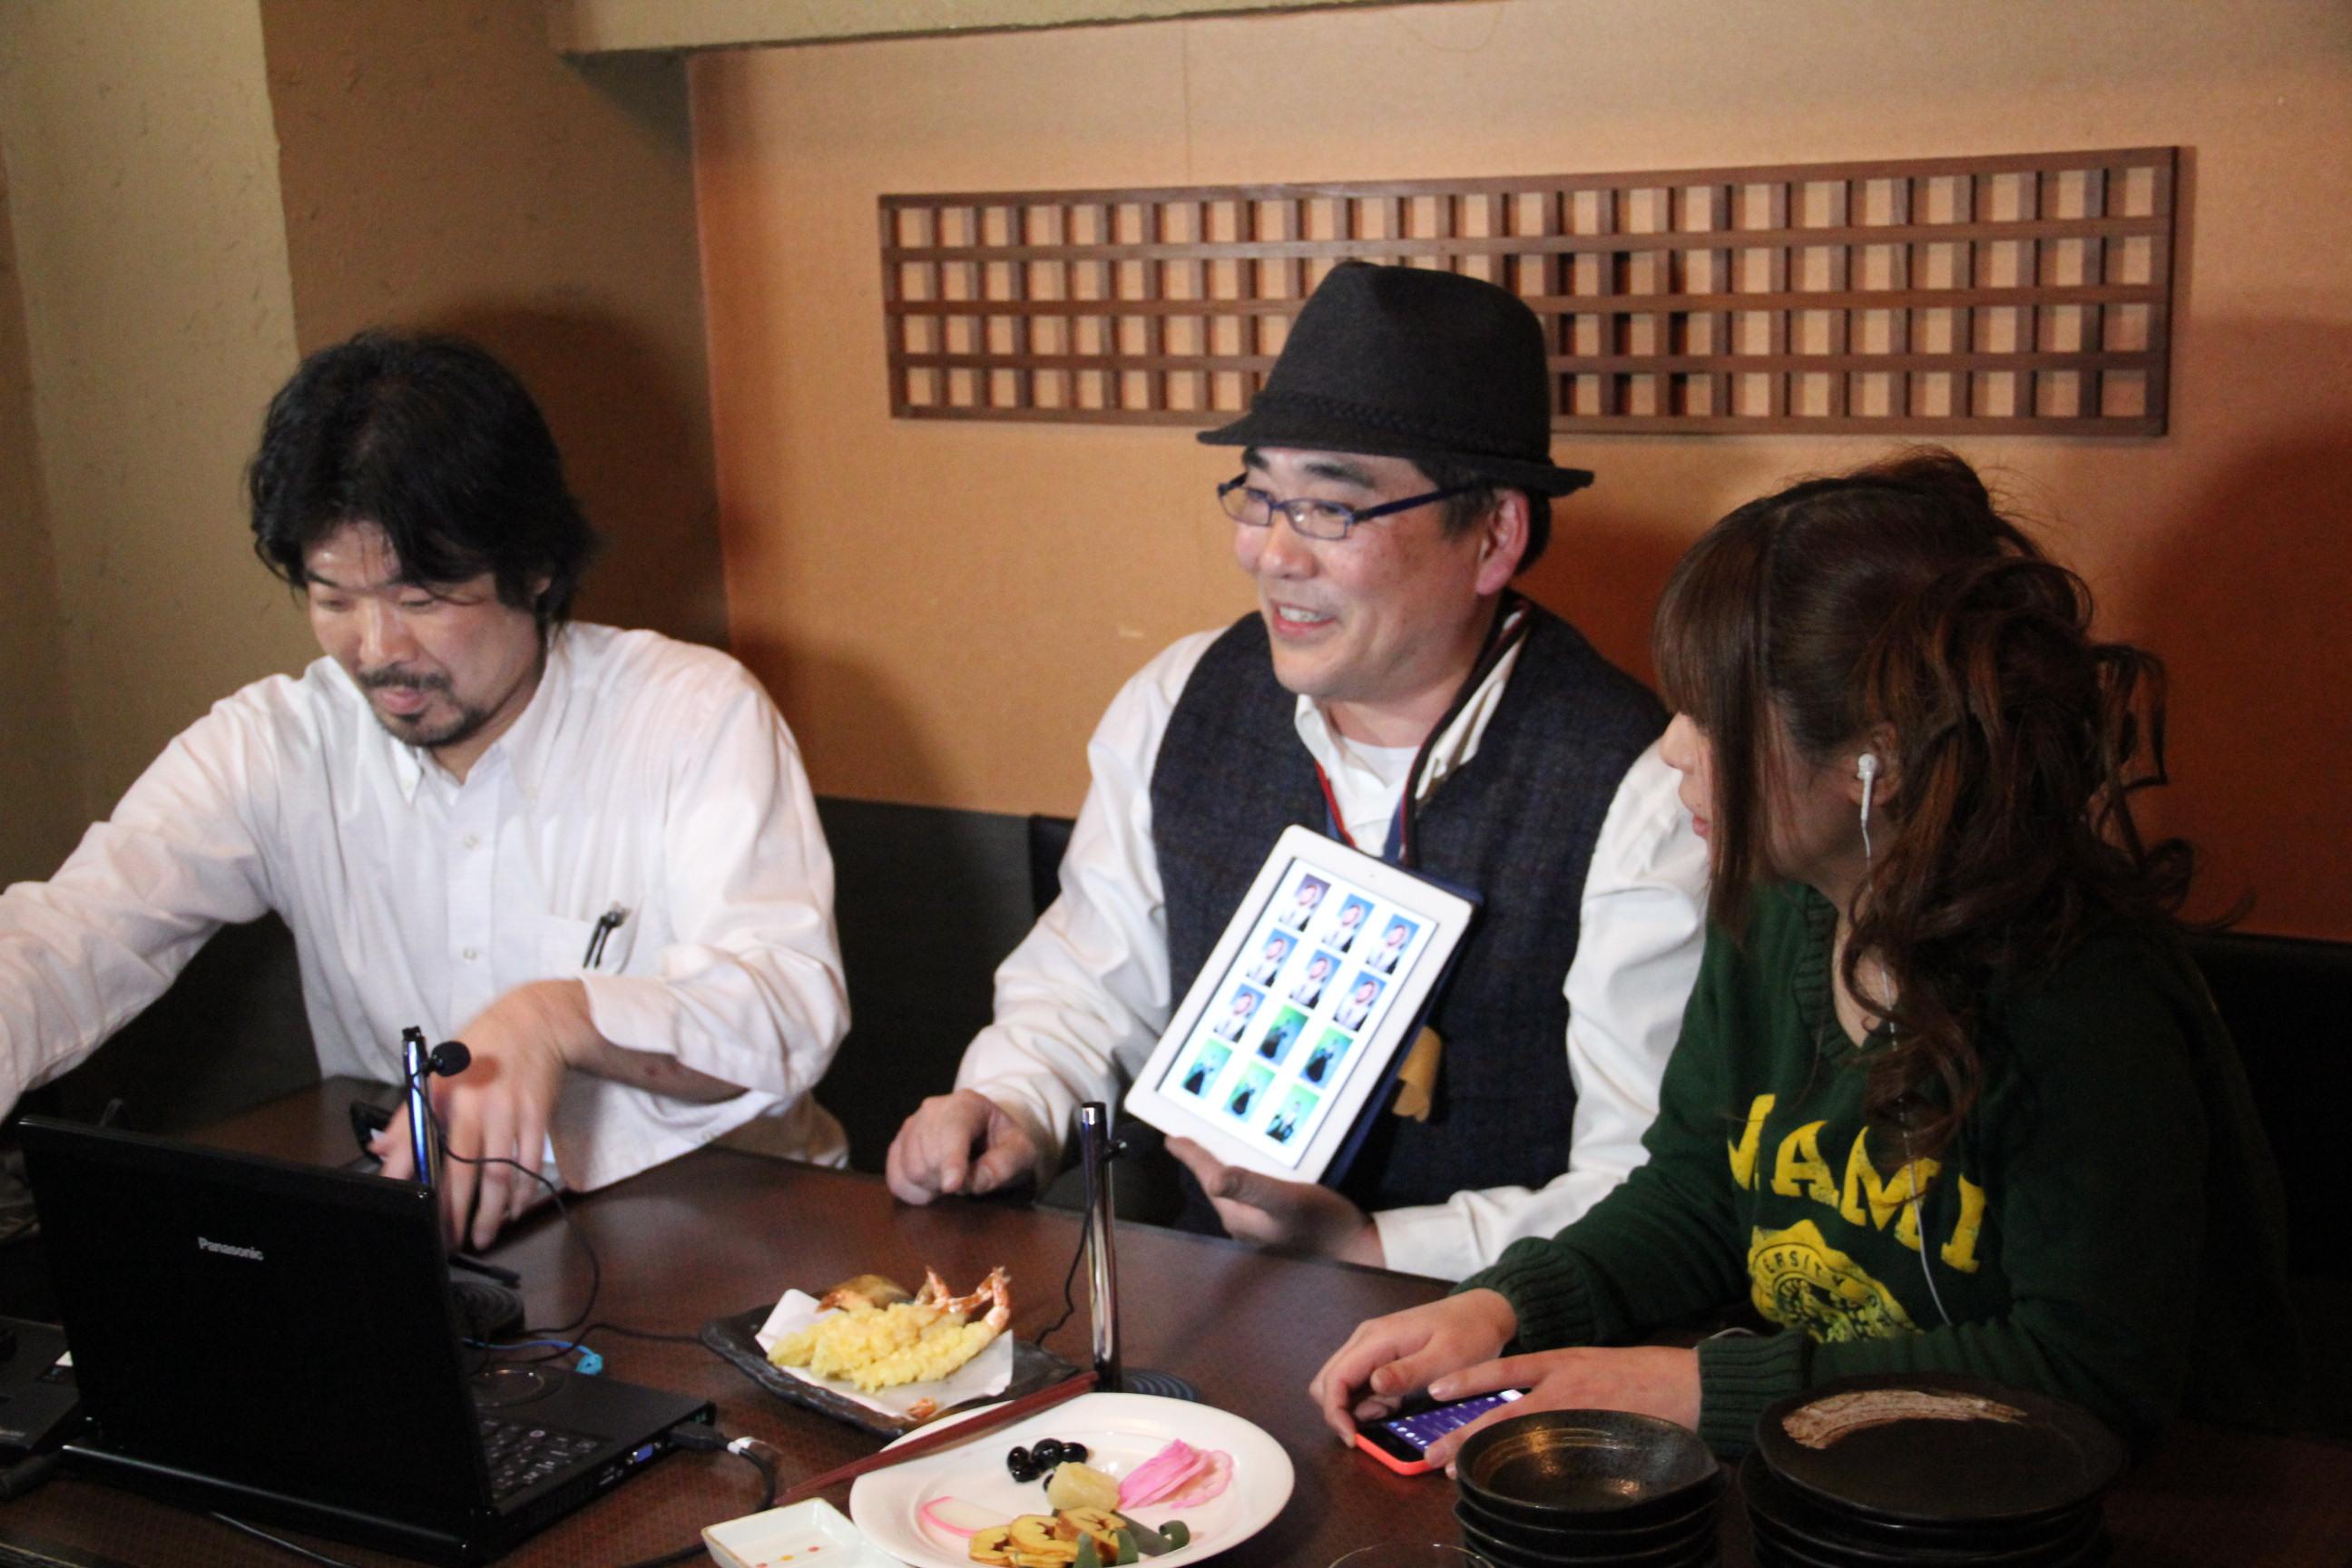 毎月恒例の、豊島区マンガ・アニメコンテンツ関係者会合に参加しました。  今回は漫画家さん、俳優、声優、歌手、コスプレイヤー等、ポップカルチャーやエンターテインメントに関係する業界関係者約30名の方々が参加しました。